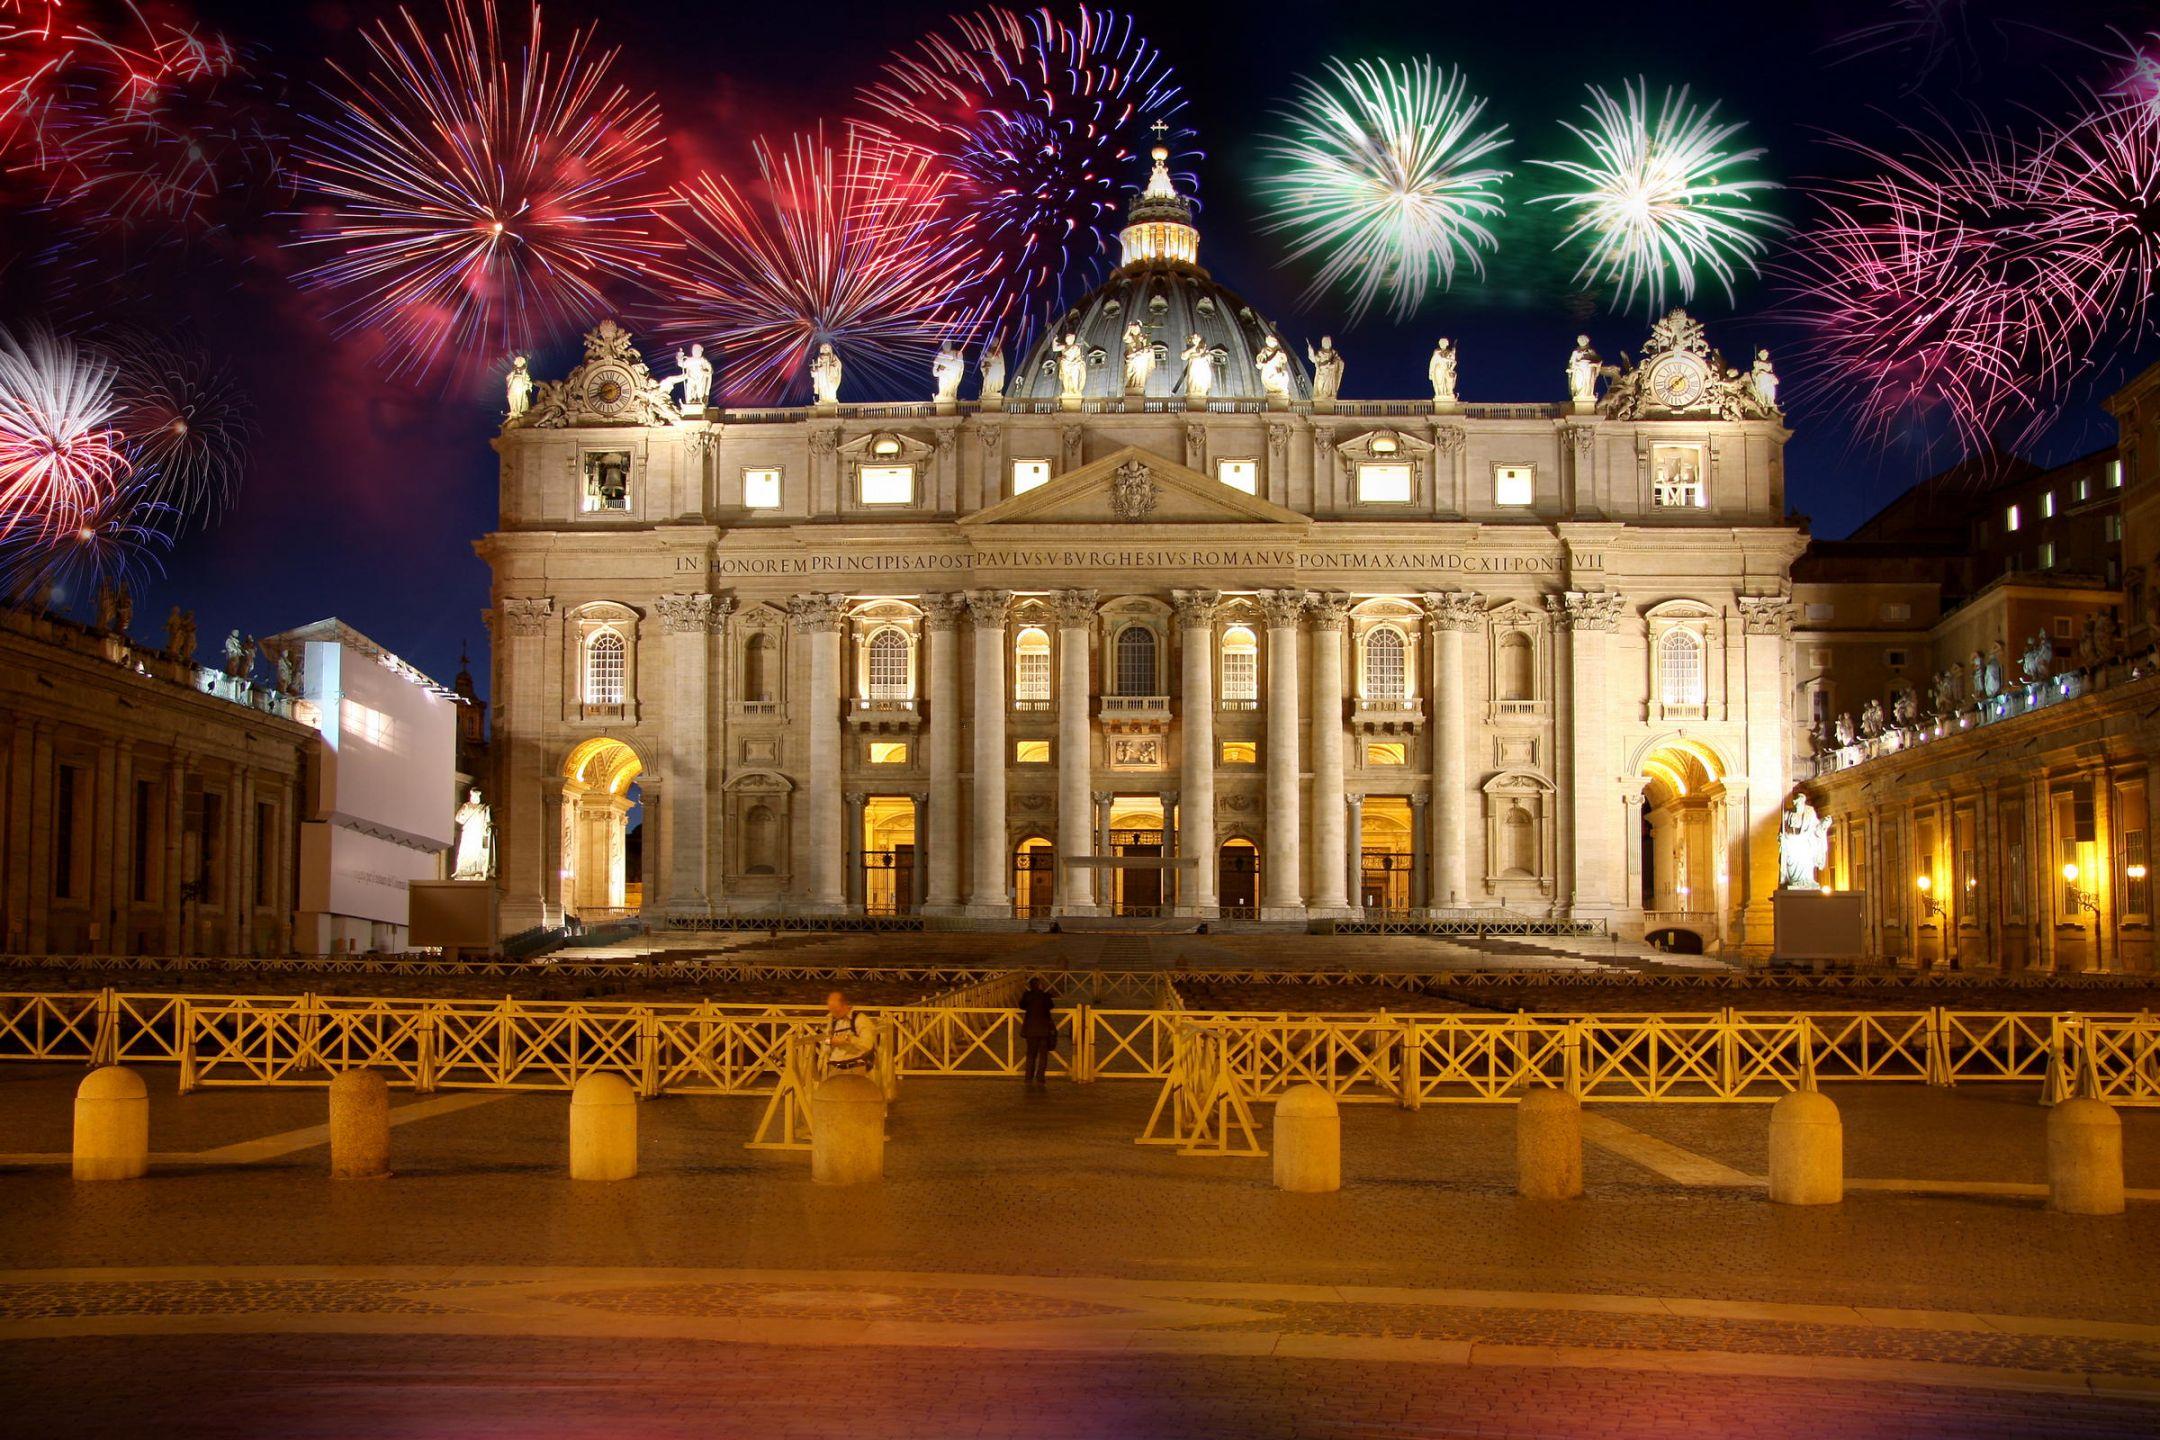 Η Ρώμη είναι μια πόλη με σπουδαία ιστορία και αξιοσημείωτη προσφορά στην επιστήμη, τον πολιτισμό και τις τέχνες. Λόγω των πολυάριθμών και εξαιρετικής ομορφιάς μνημείων της και επειδή από την αρχή της ίδρυσής της μέχρι σήμερα παρέμεινε ως πρωτεύουσα, έχει αποκτήσει την προσωνυμία «Η Αιώνια Πόλη». Το ιστορικό της κέντρο έχει καταχωρηθεί στη λίστα των Μνημείων Παγκόσμιας Κληρονομιάς της UNESCO από το 1980.